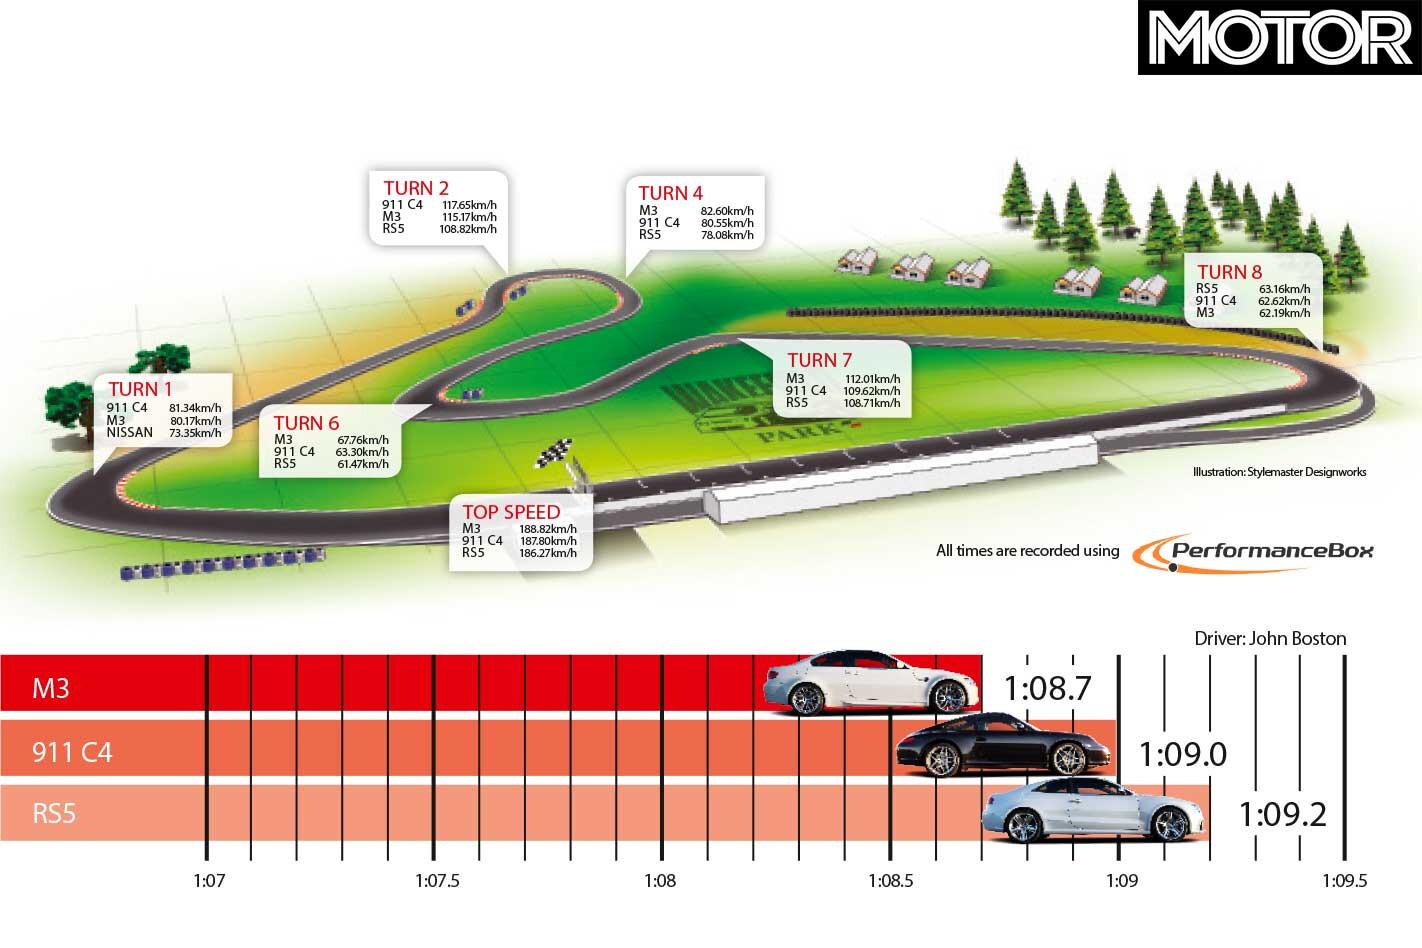 2011 Audi RS 5 Vs BMW M 3 Vs Porsche 911 Carrera 4 S Track Comparison Jpg